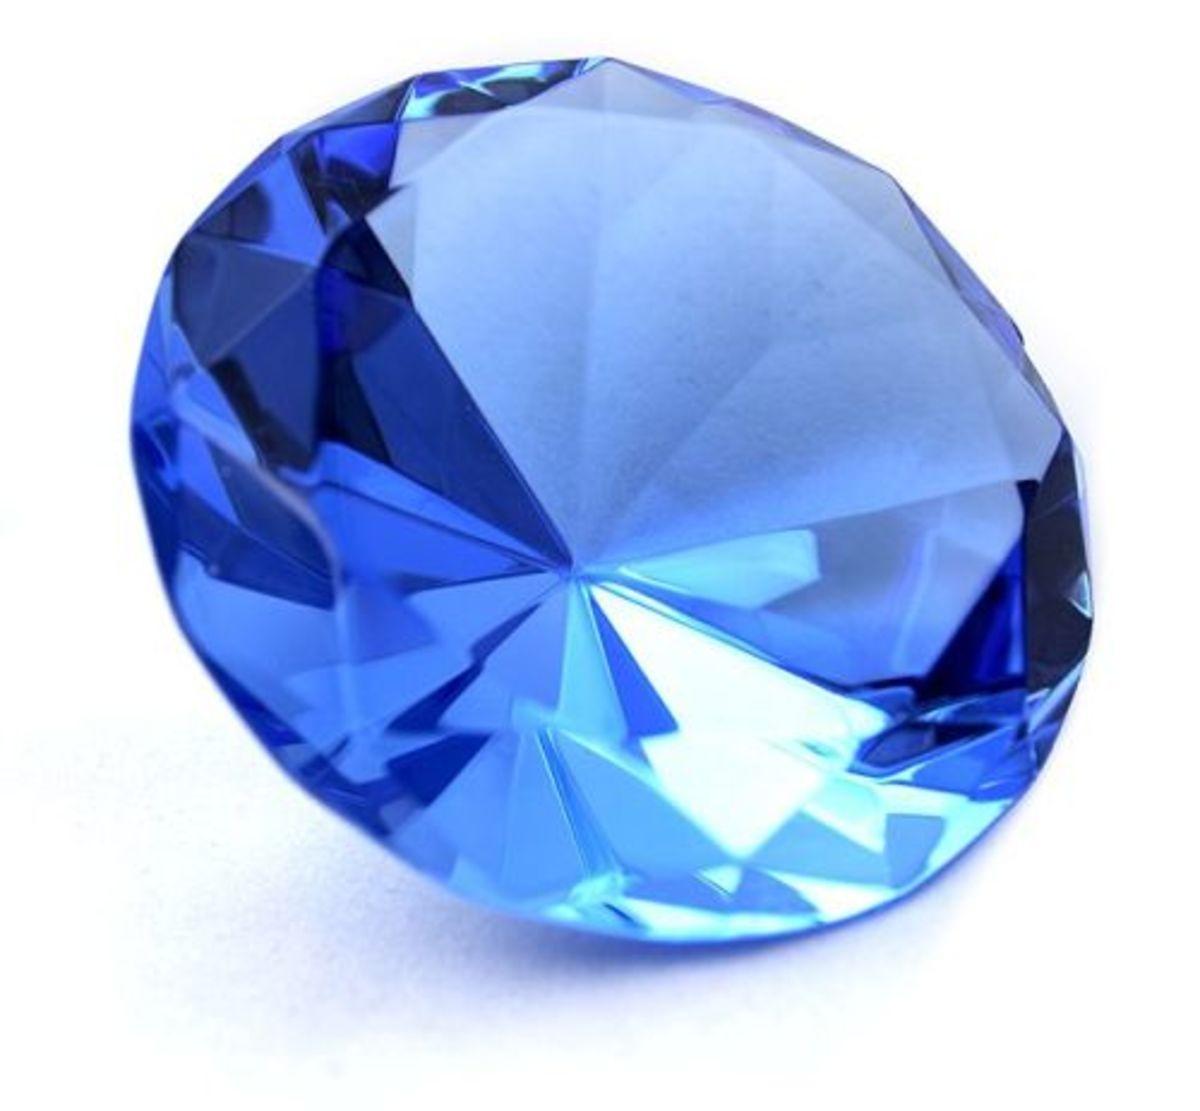 This is a gem-cut sapphire.